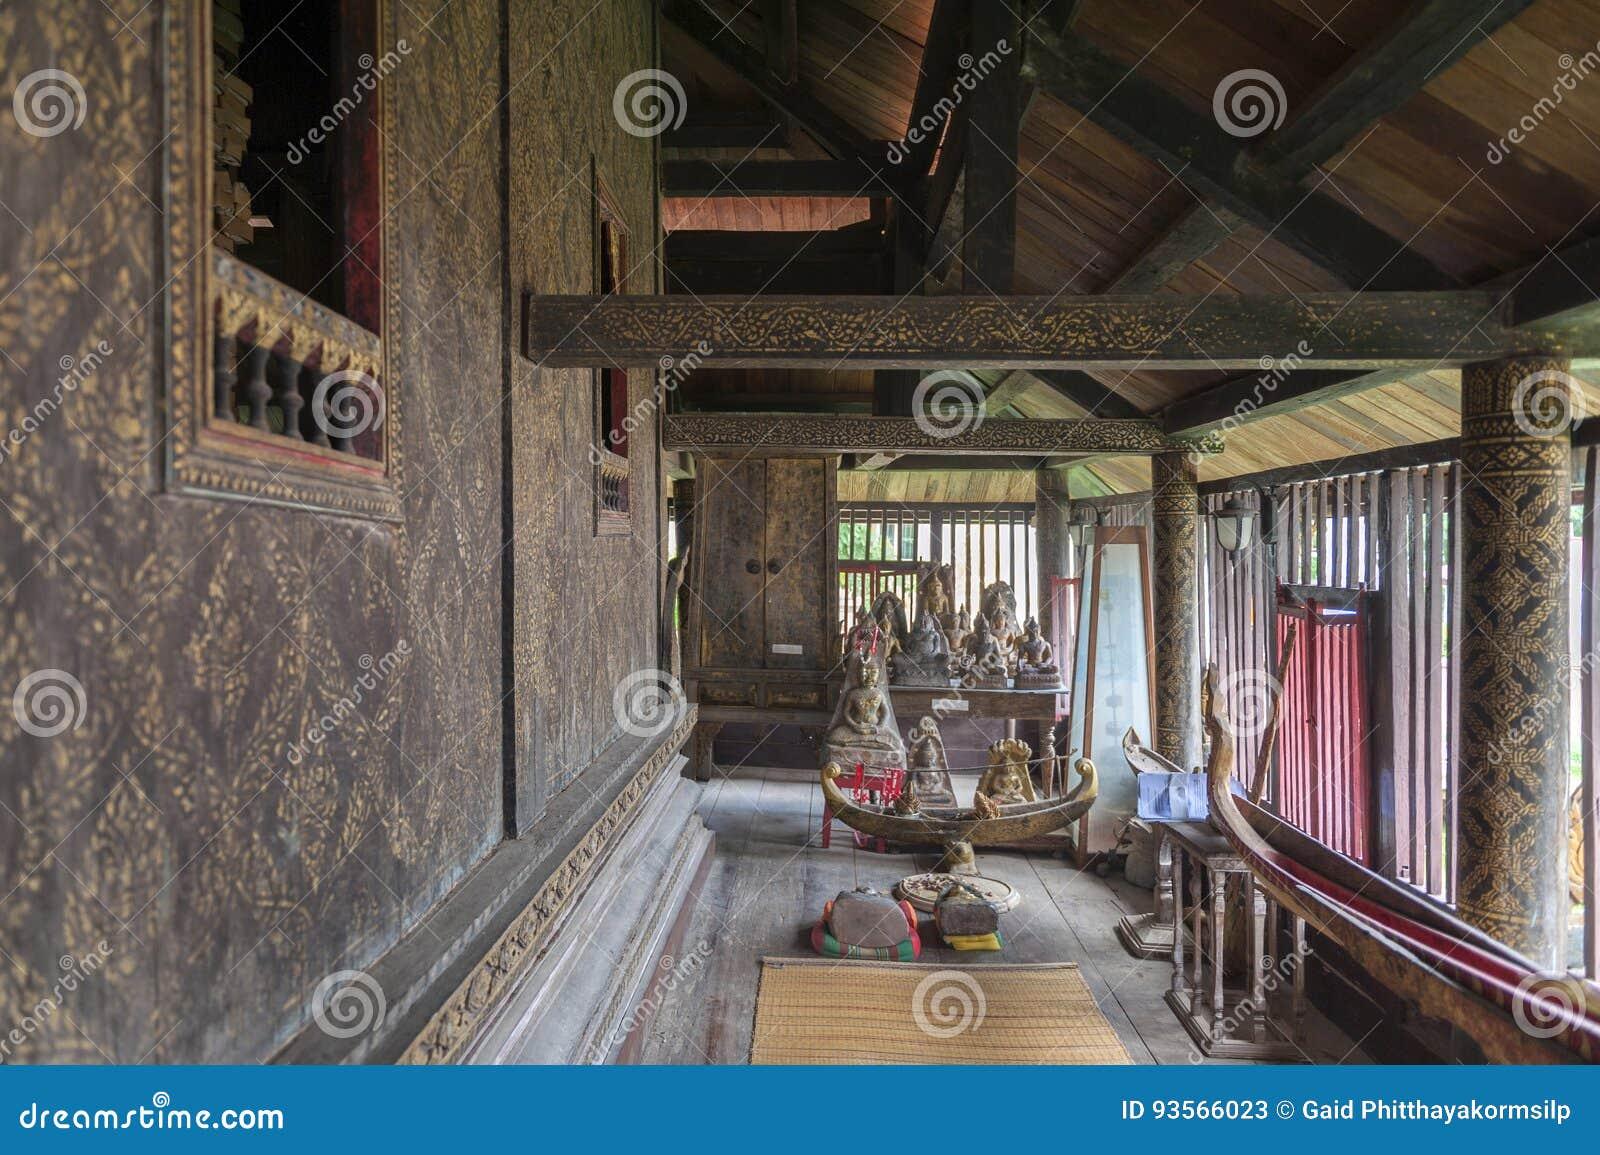 Decoracion budista decoracin hinduista y budista feria for Decoracion casa budista